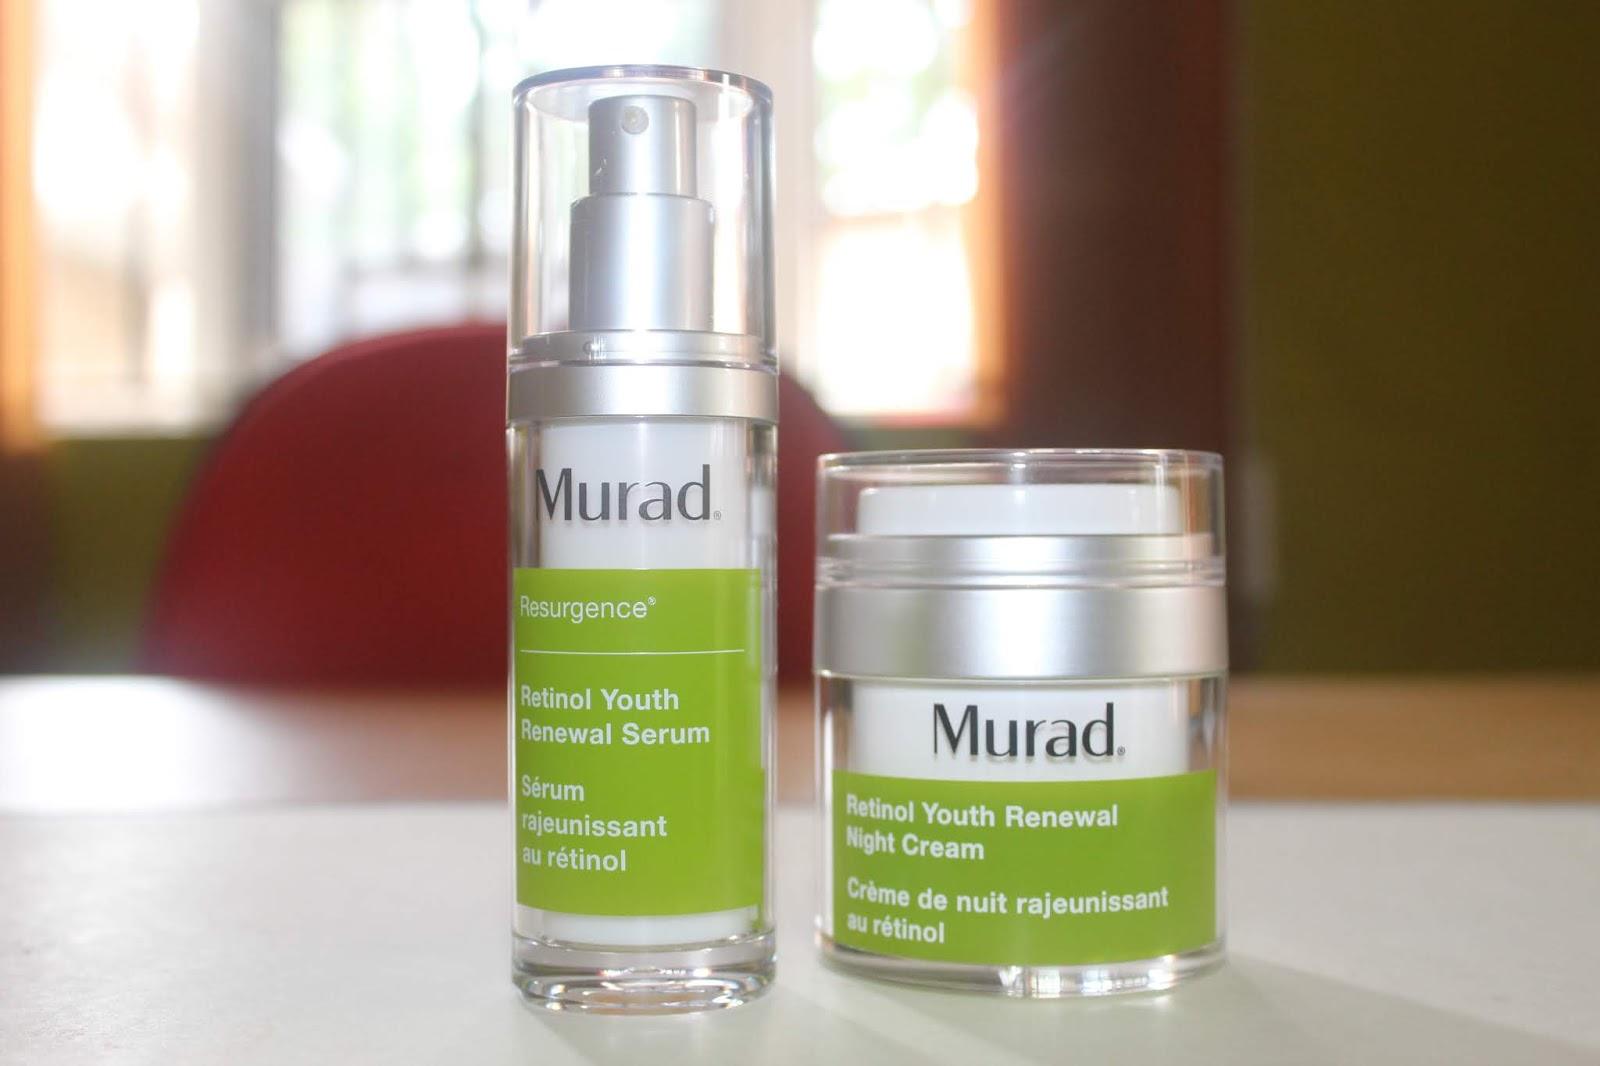 Product Review Murad Retinal Youth Renewal Serum + Murad